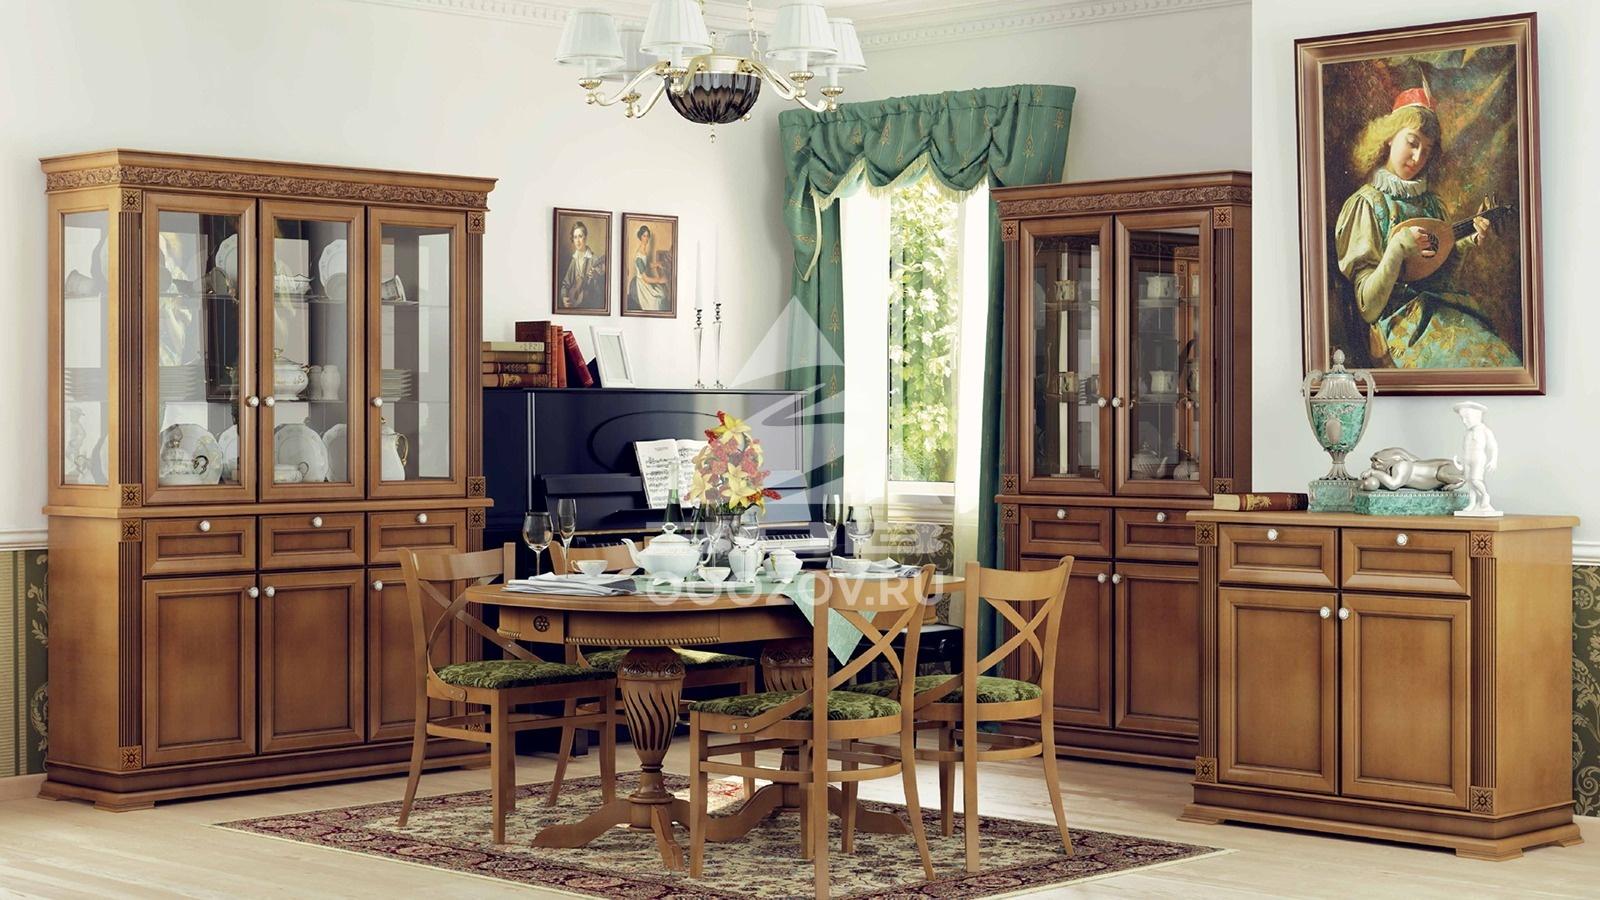 Купить секции, гостиные, горки (мебель для гостинойкомнаты) в минске - цены, описание, доставка